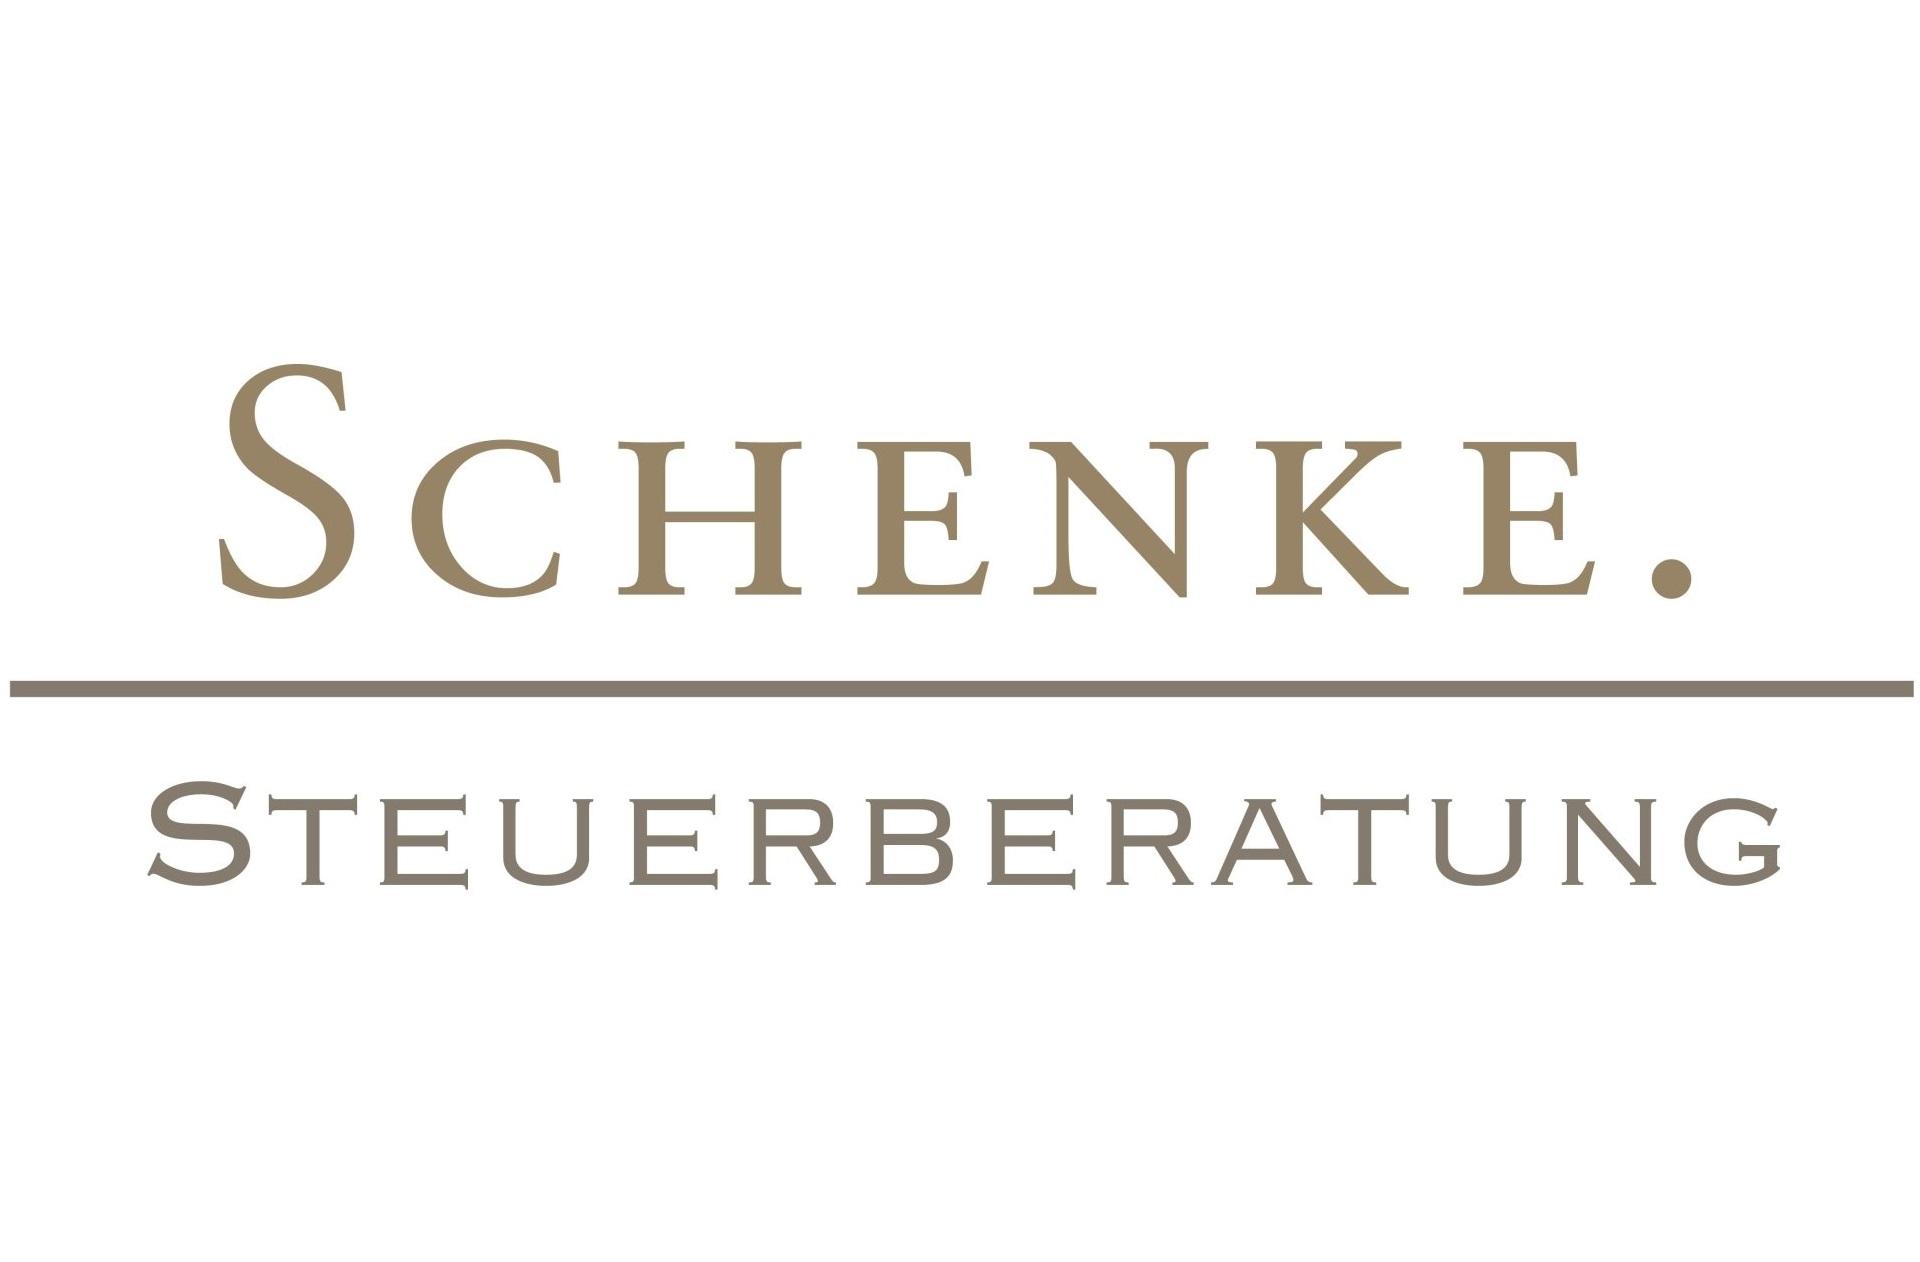 Schenke Steuerberatung (쉔케 세무사)